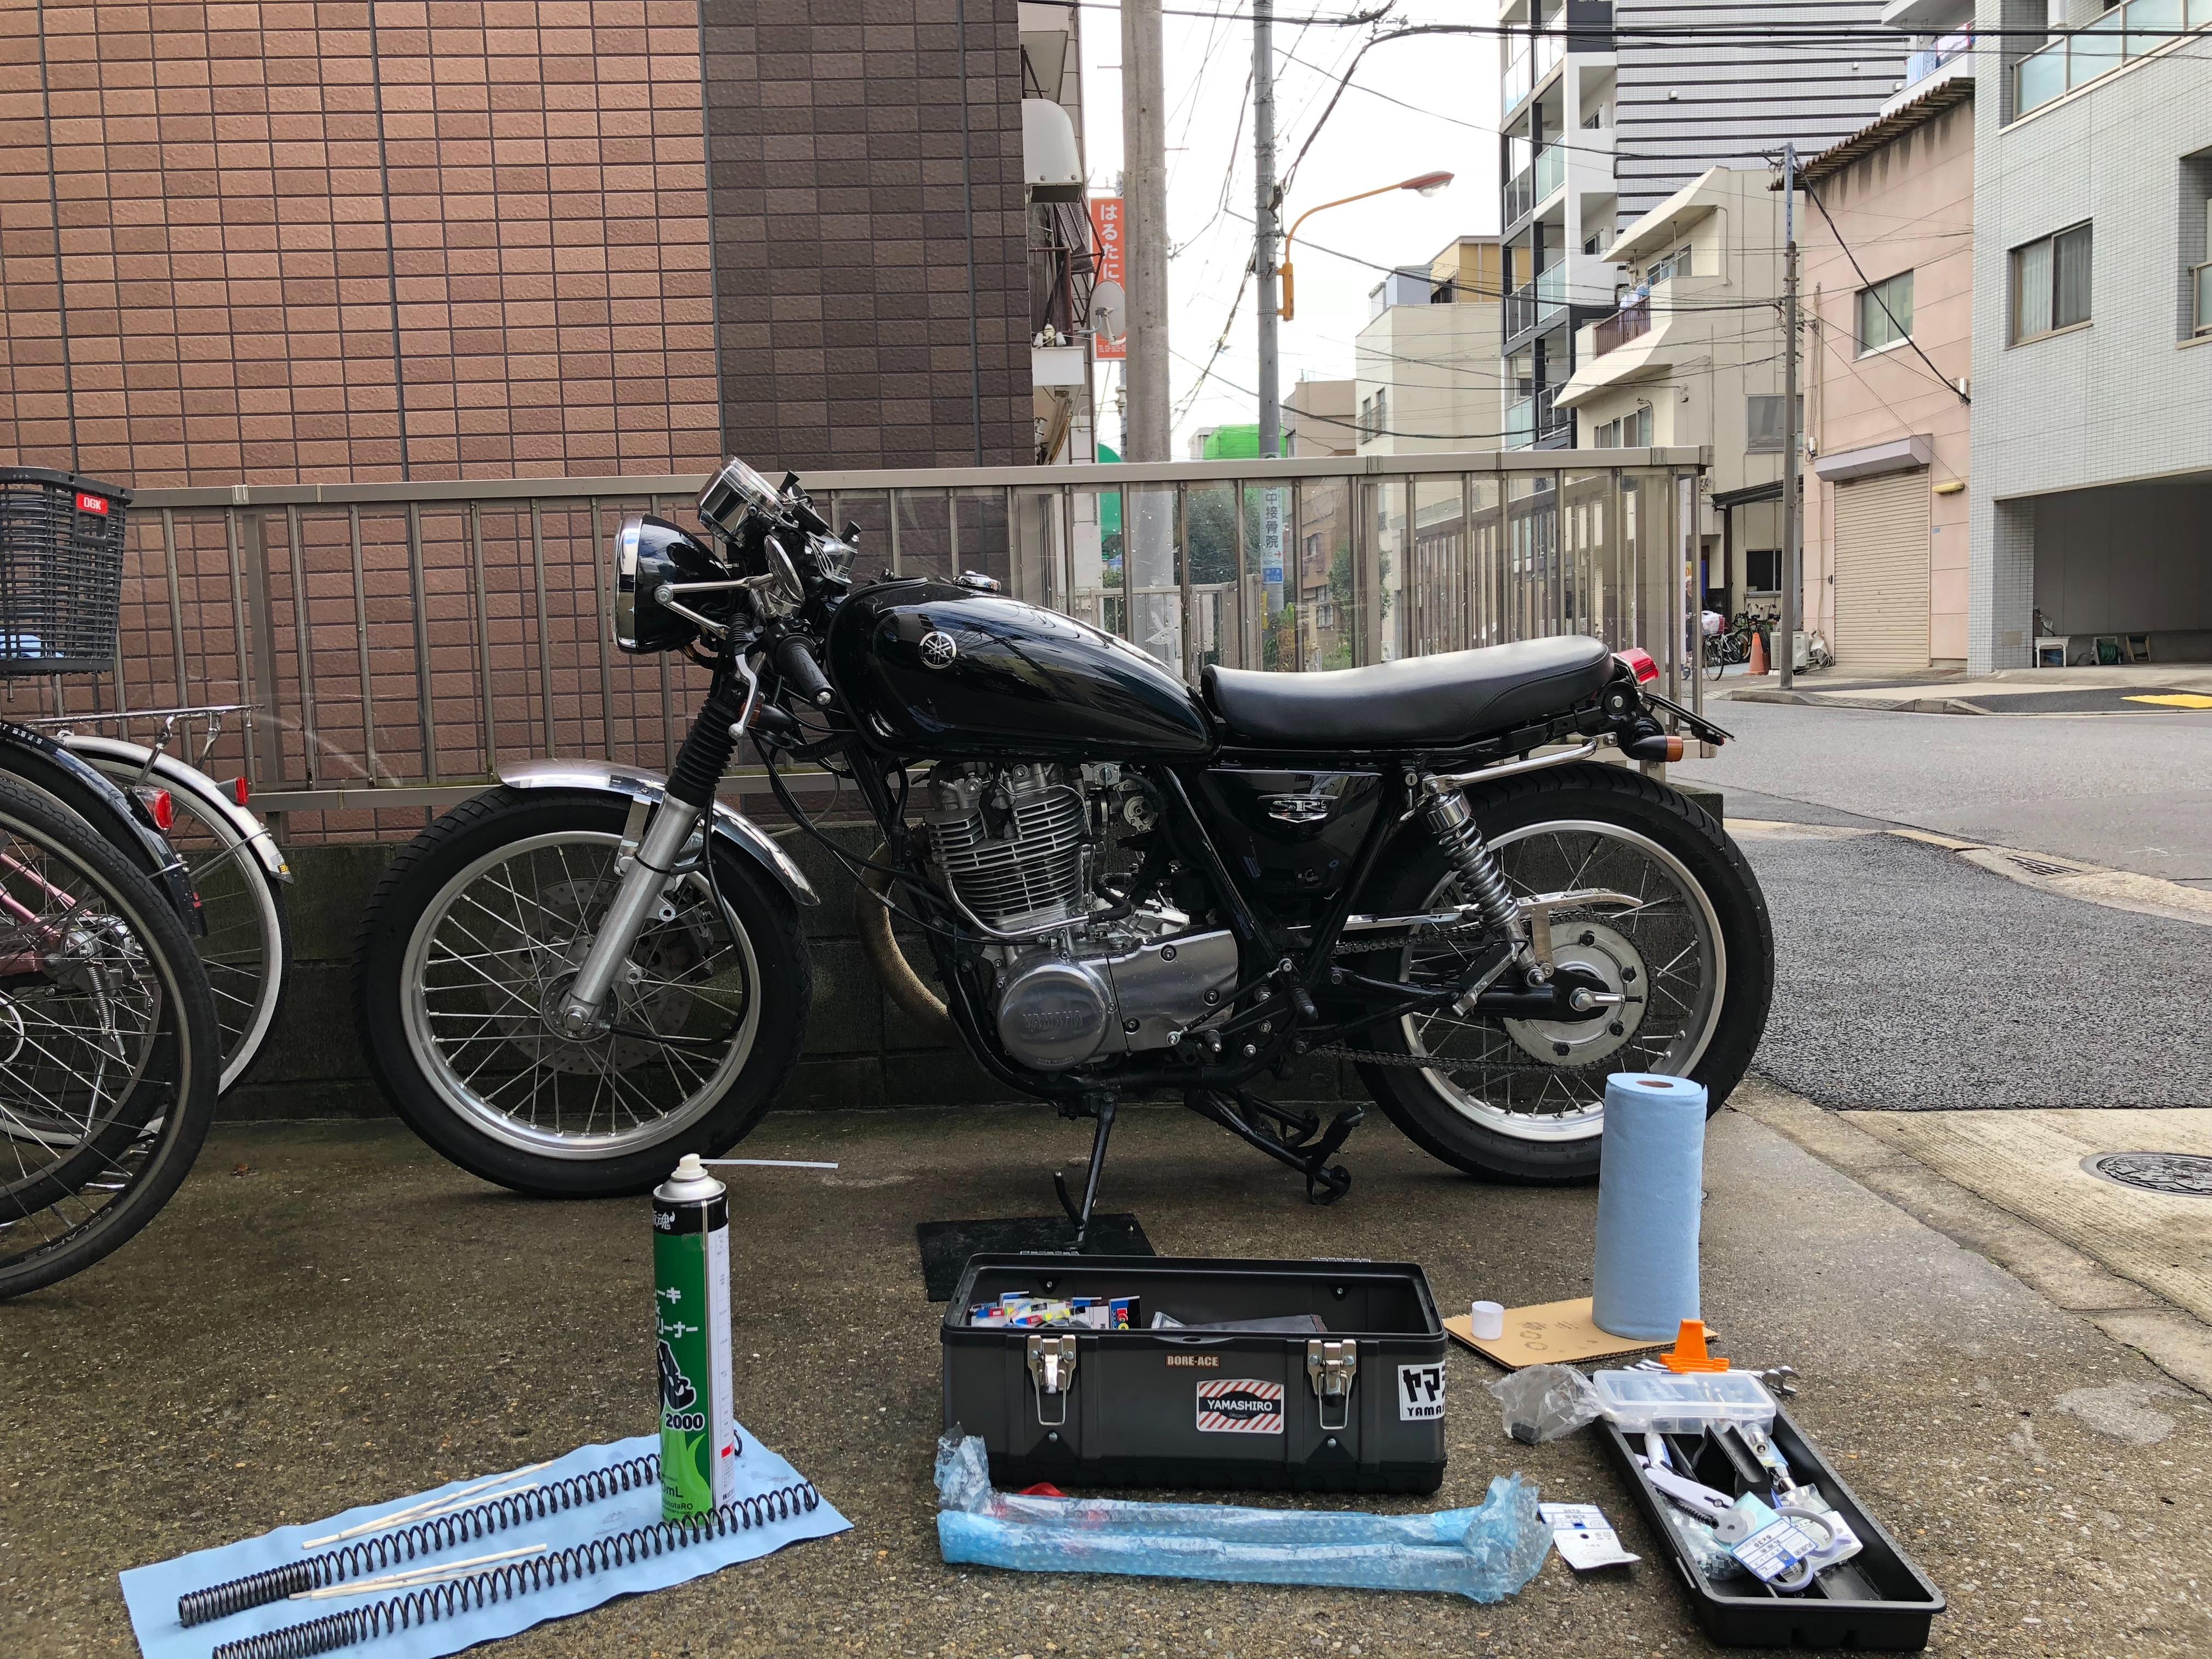 f:id:yukiaveiro:20181104222525j:image